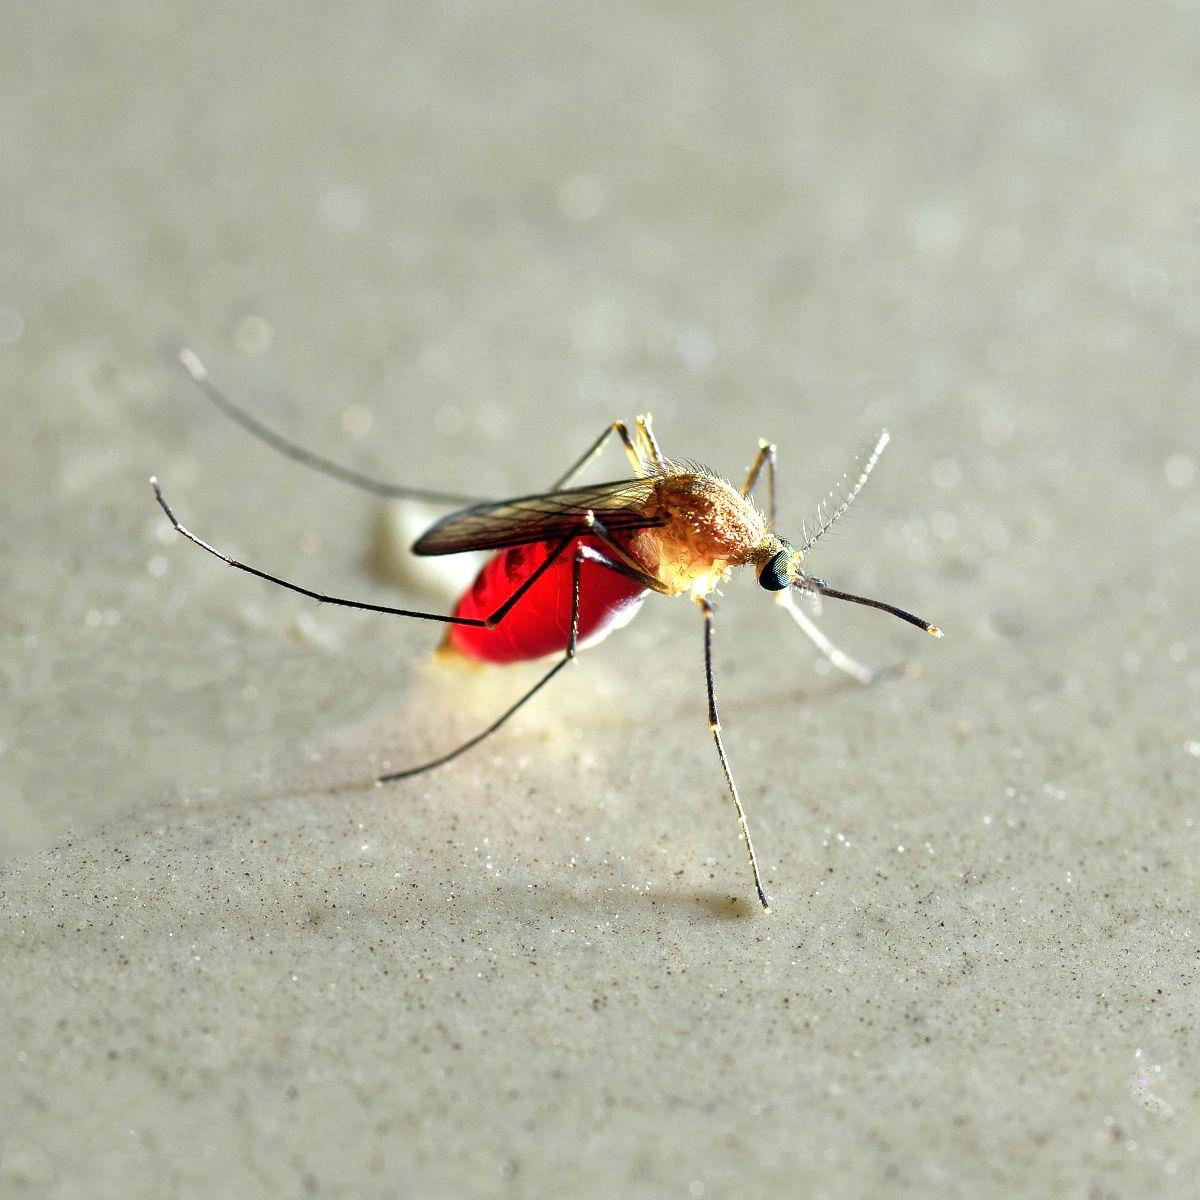 Un moustique rempli de sang